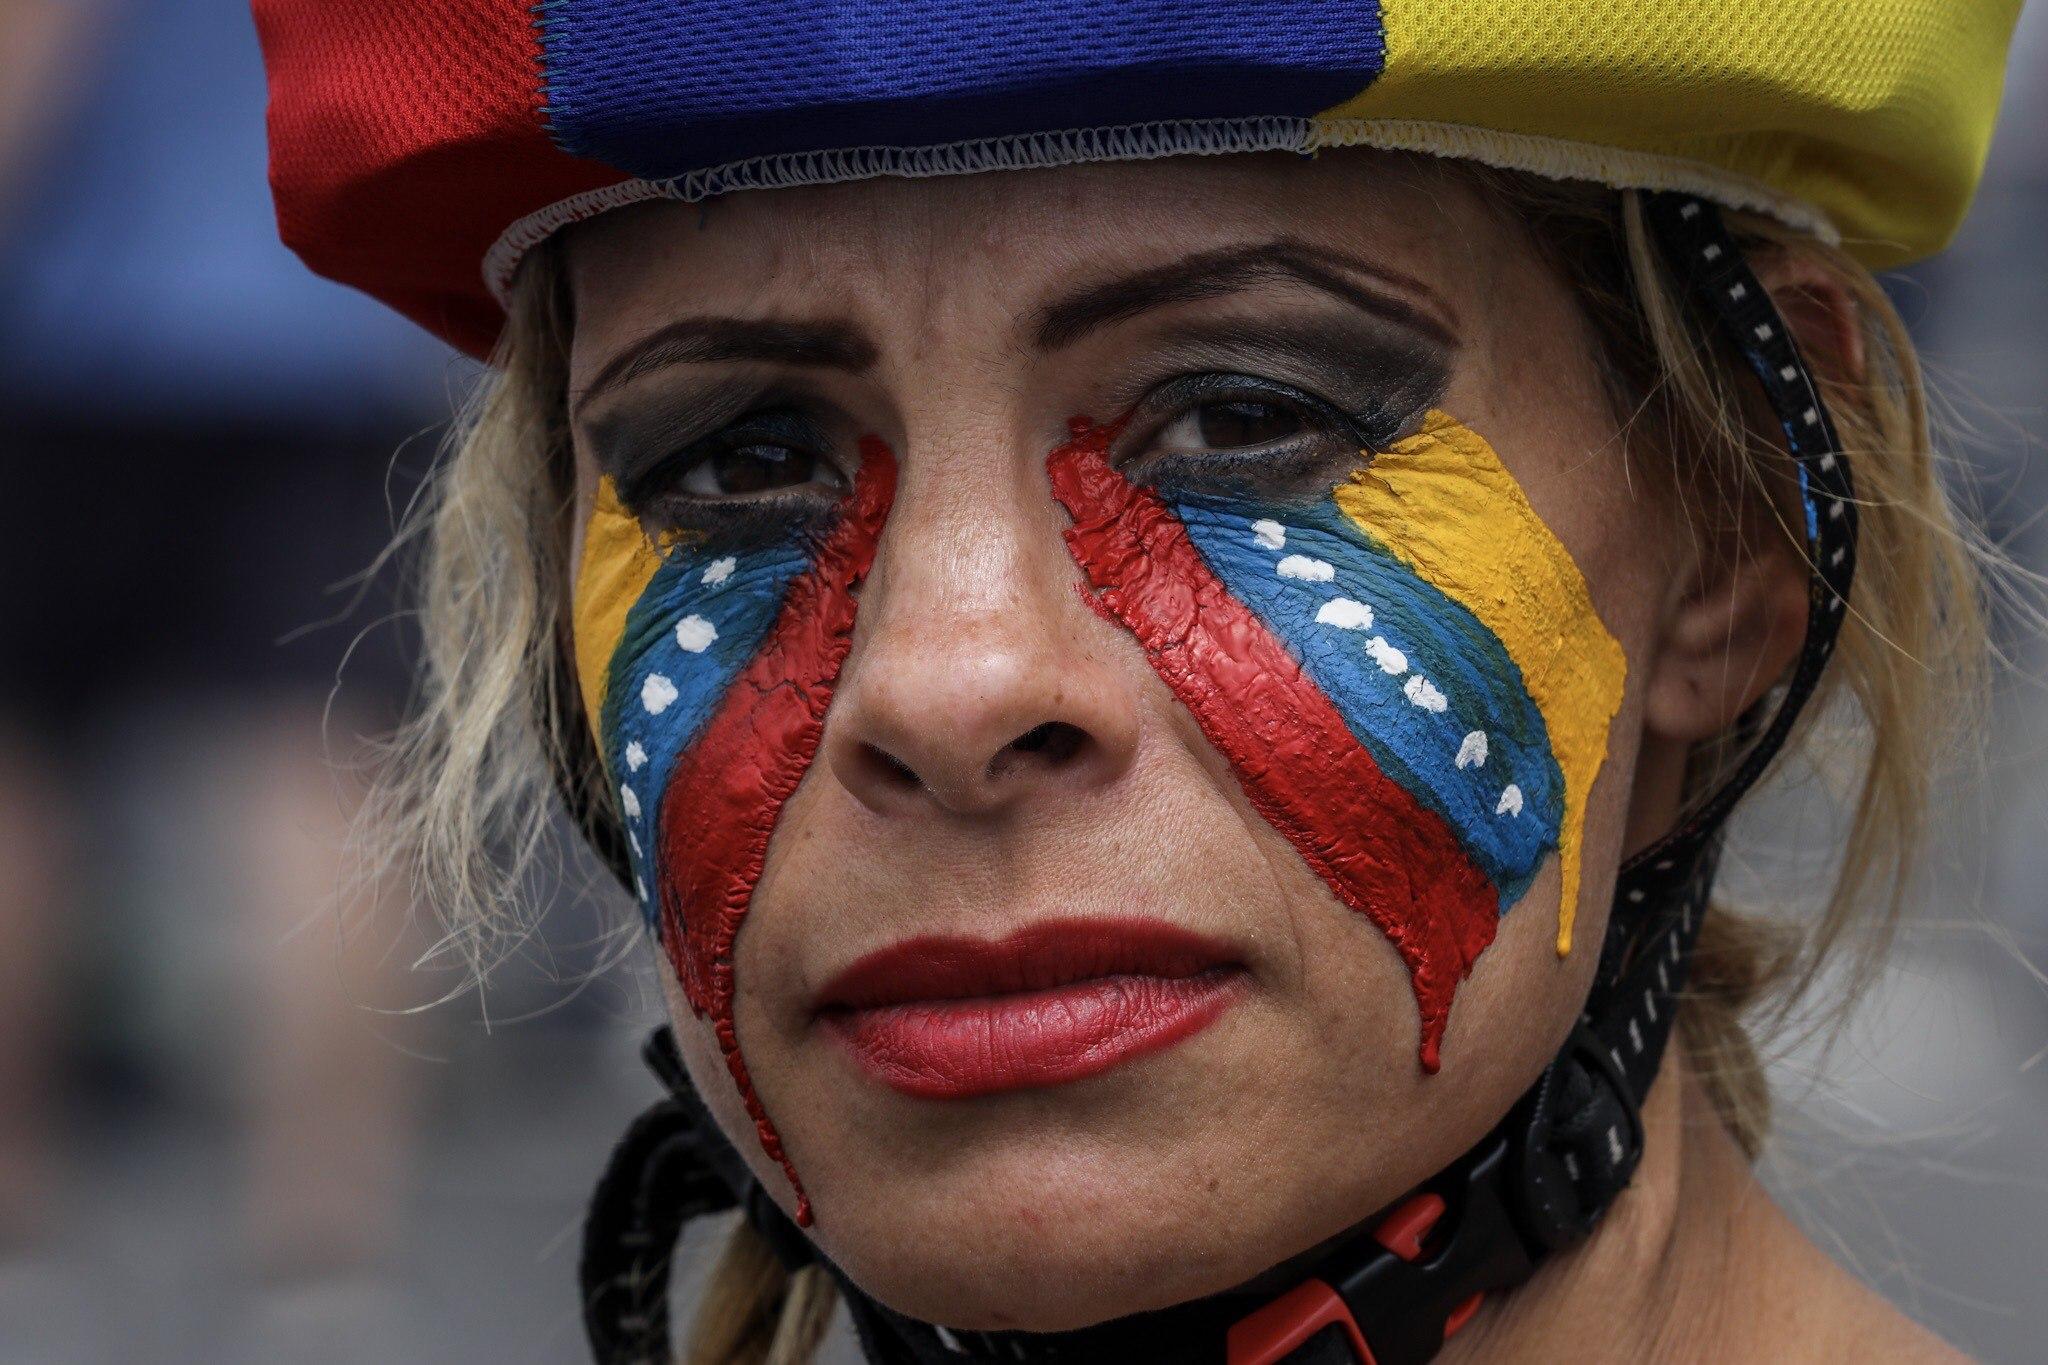 CAR02. CARACAS (VENEZUELA), 01/07/2017.- Manifestantes opositores participan en una marcha hoy, sábado 1 de julio de 2017, en Caracas (Venezuela). La oposición venezolana realiza hoy una concentración en Caracas como protesta contra la solicitud de antejuicio de mérito contra la fiscal de ese país, Luisa Ortega Díaz, que el Tribunal Supremo de Justicia (TSJ) admitió el pasado 20 de junio y con lo que la funcionaria podría ser enjuiciada. La coalición opositora Mesa de la Unidad Democrática (MUD) invitó a las personas a concentrarse en el este de Caracas, específicamente en la autopista Francisco Fajardo, principal arteria vial de la capital, a la altura de Los Ruices. EFE/Miguel Gutiérrez